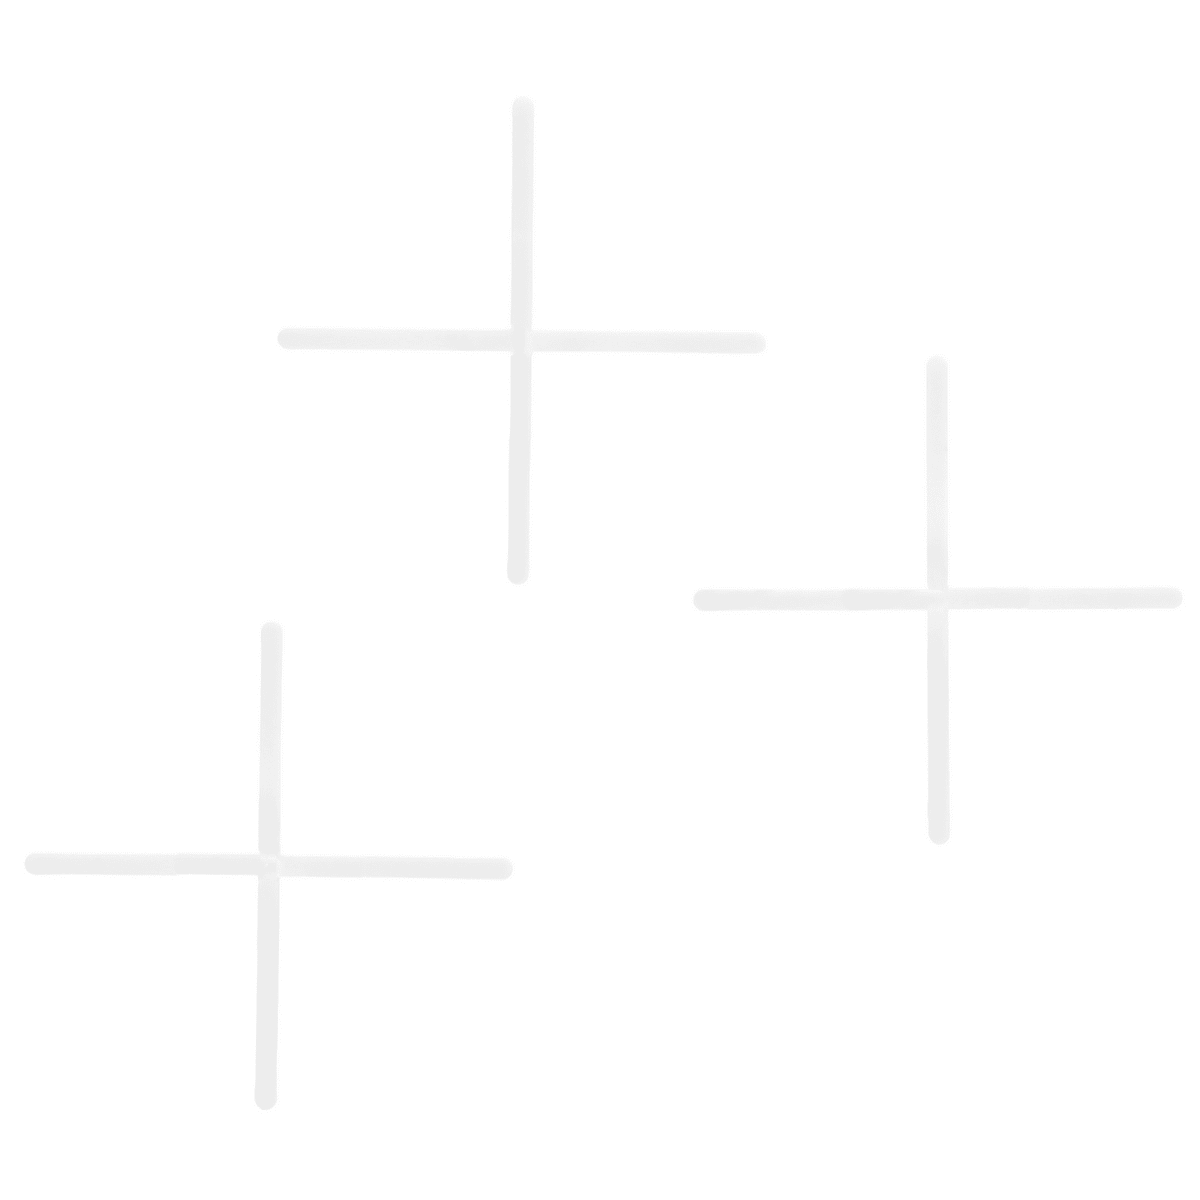 Крестики многоразовые с держателем, 1.0 мм, 100 шт.